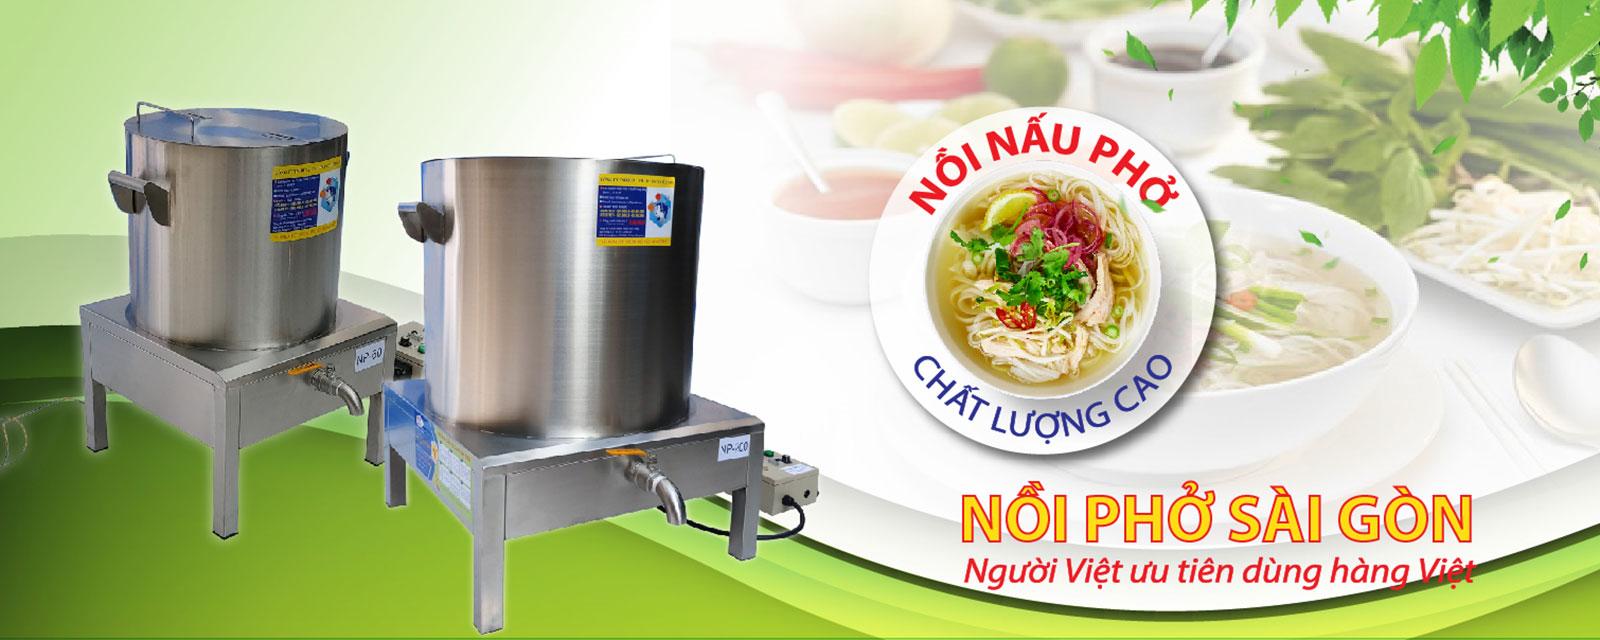 nồi nấu phở điện chất lượng cao - Nồi Phở Sài Gòn